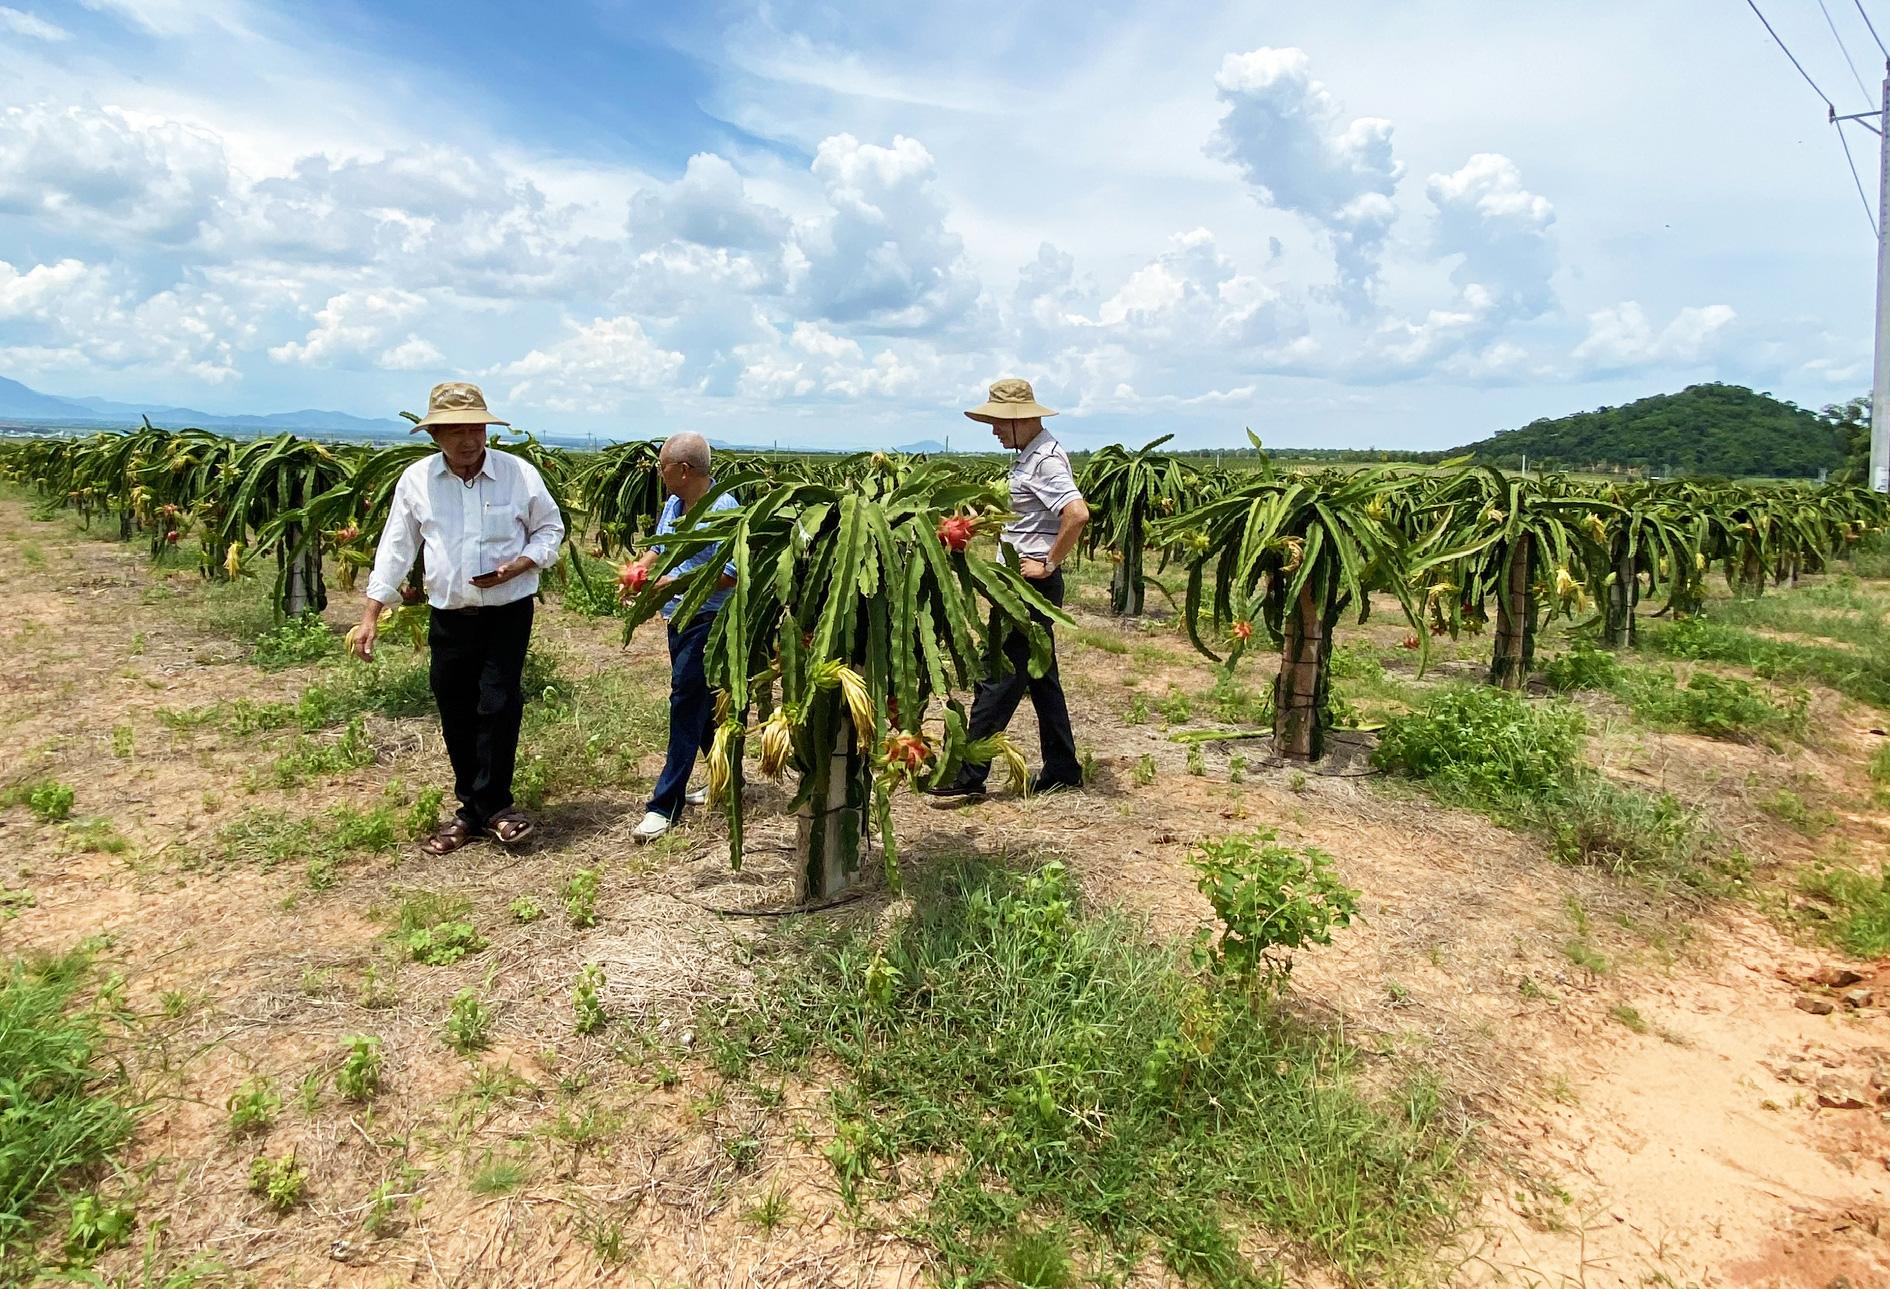 """Sản xuất rau quả """"có trách nhiệm"""" để vươn tầm thế giới - Ảnh 3."""